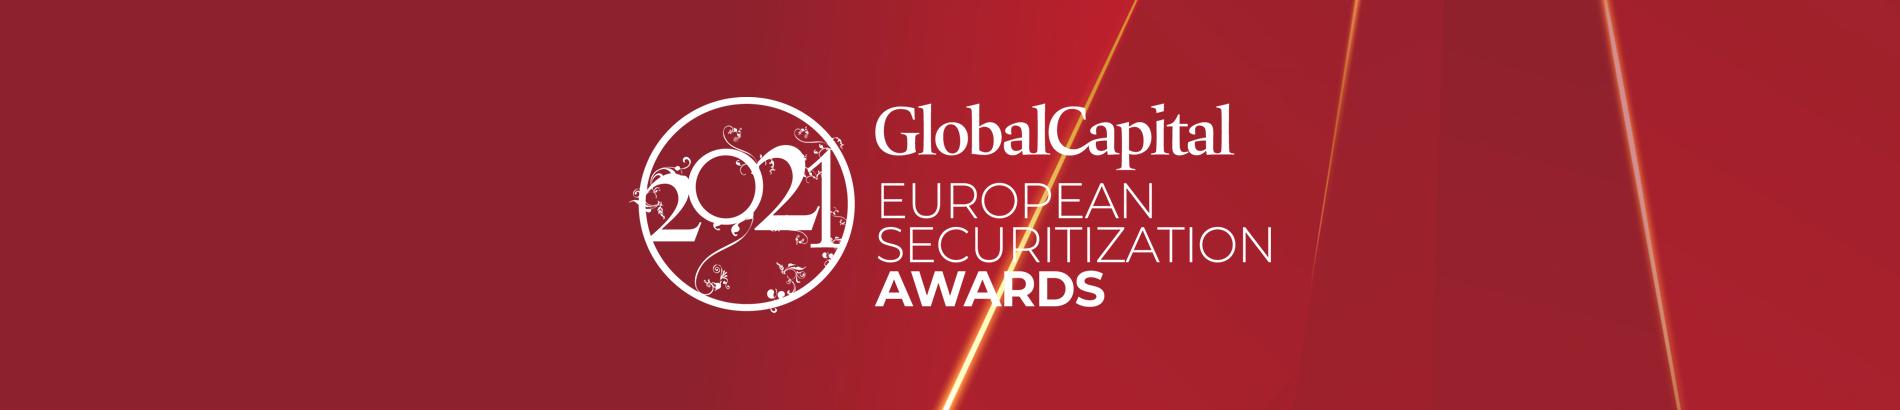 European Securitization Awards 2021